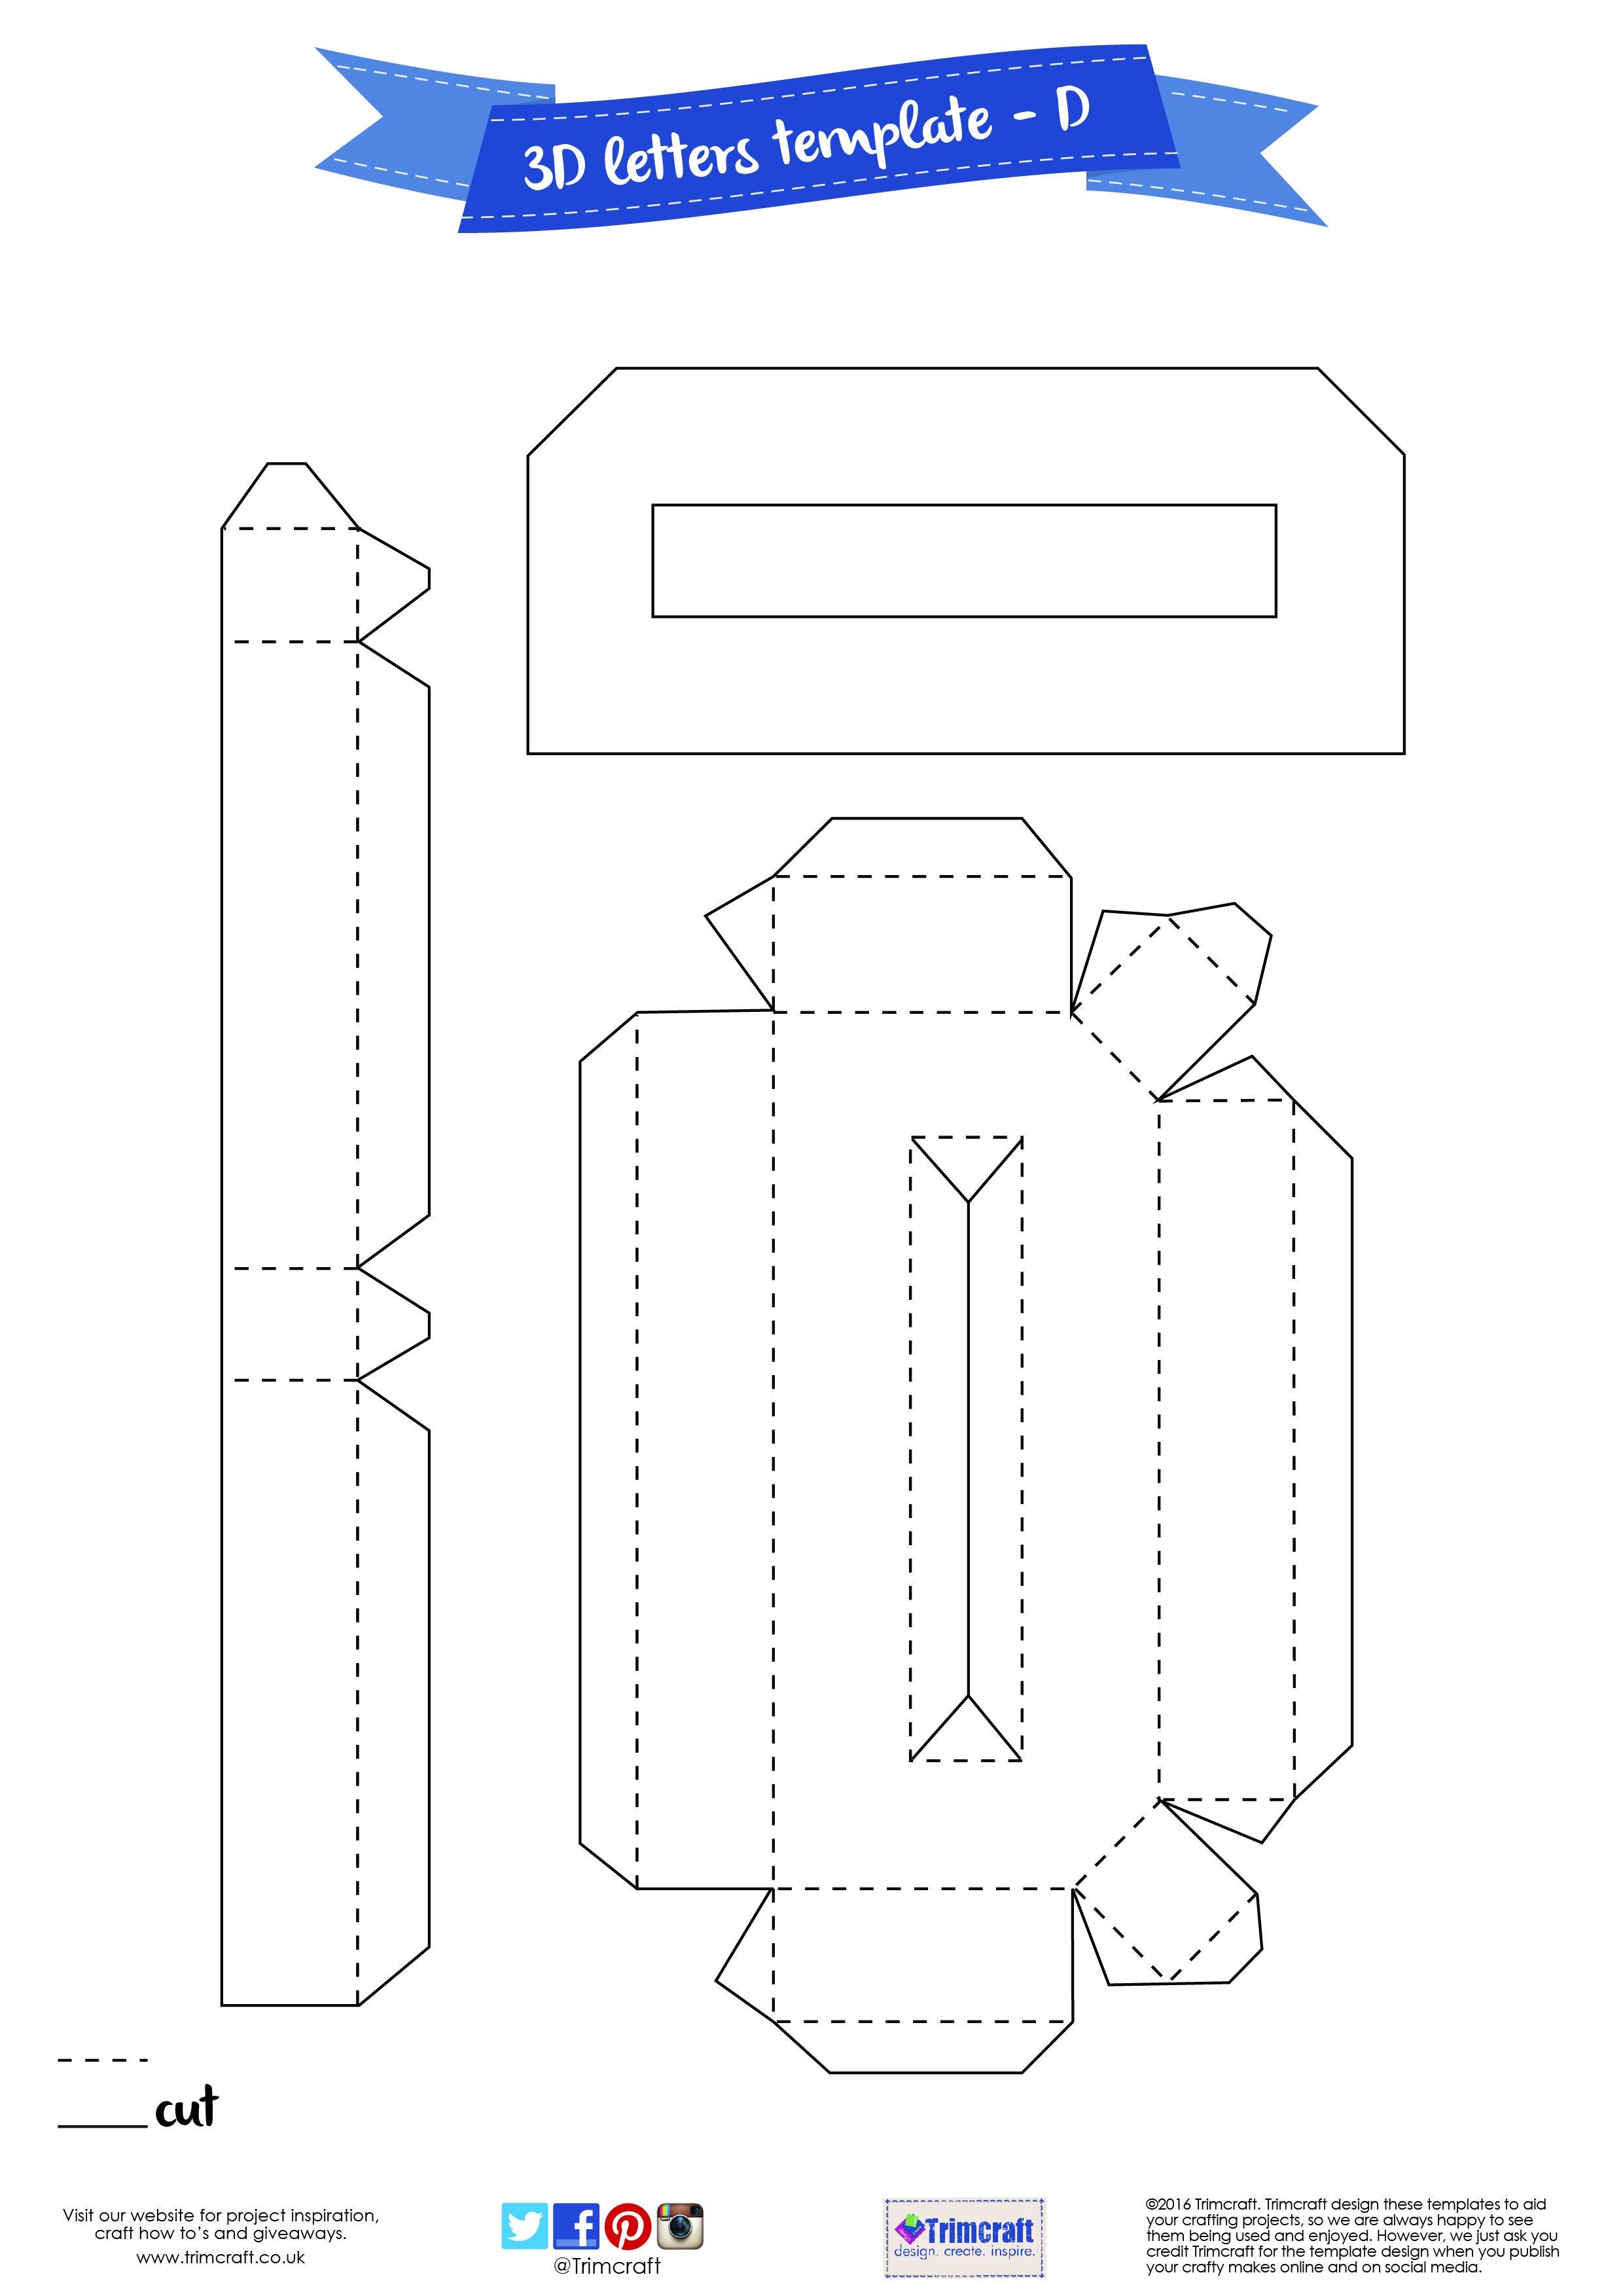 Pretty 3D Letter Templates Images. 3D Letter Templates Apextechnews - Free Printable 3D Letters